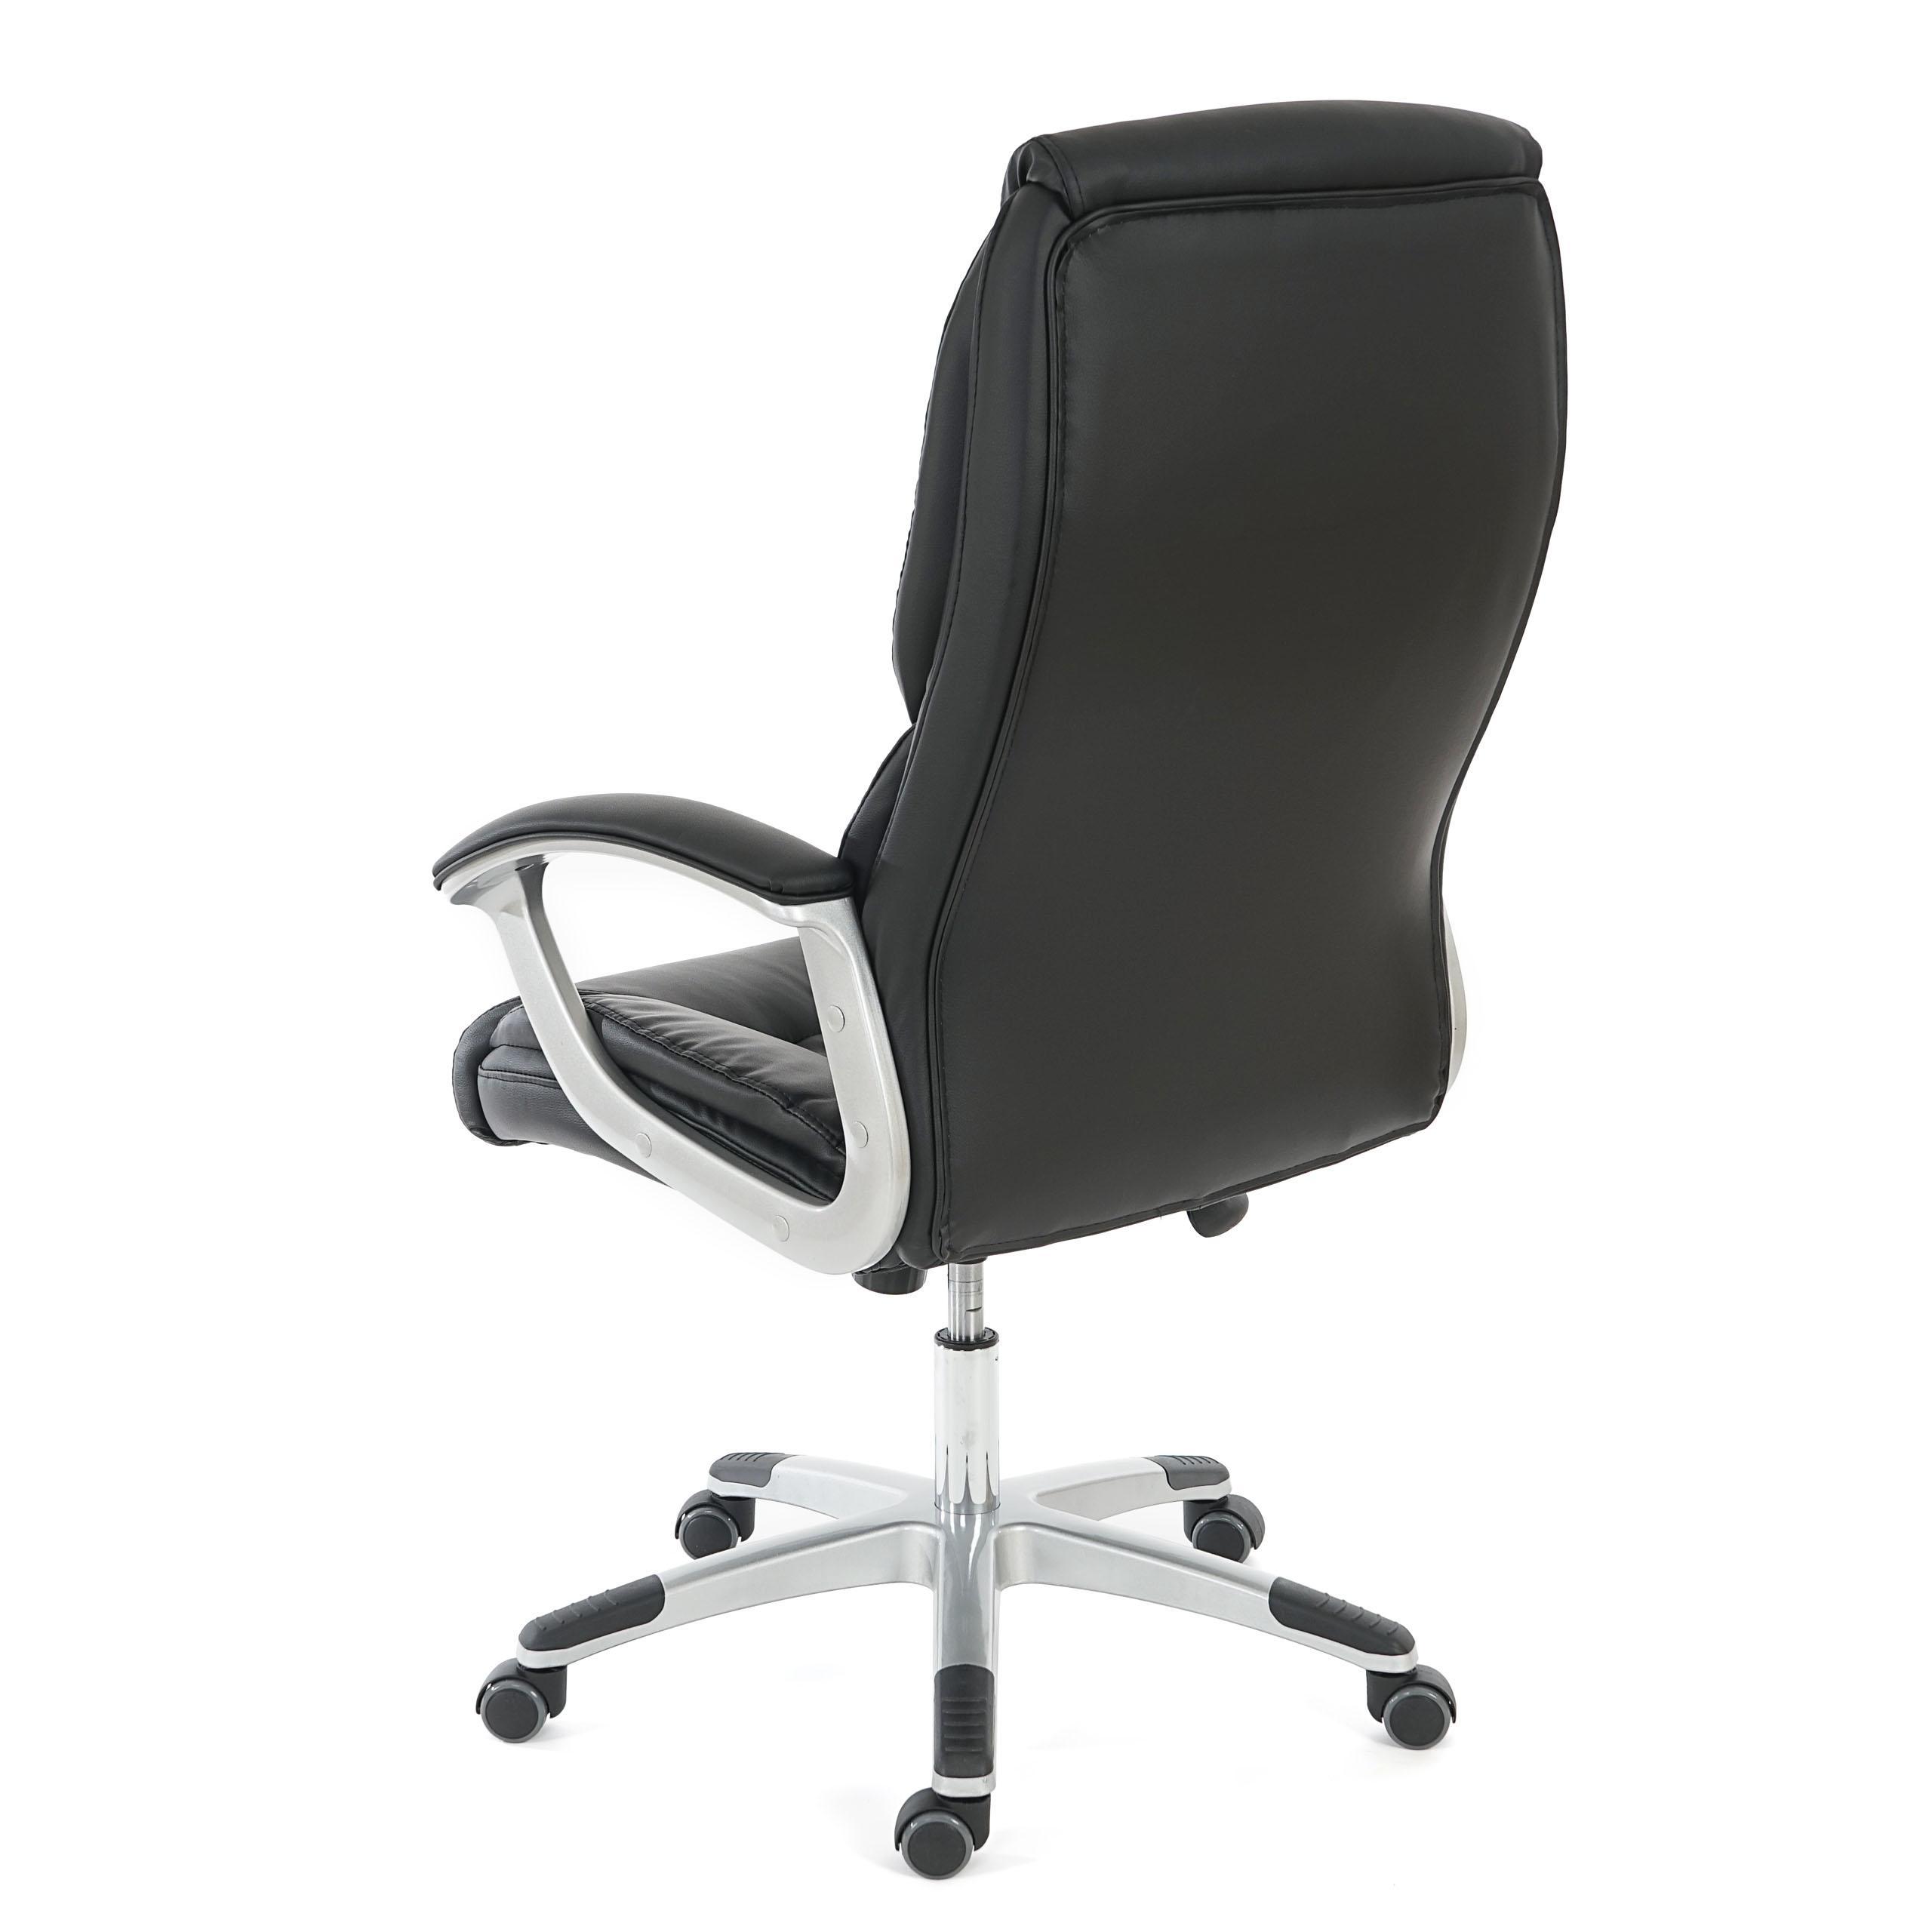 Poltrona ufficio dione elegante e resistente imbottitura for Poltrona ufficio design